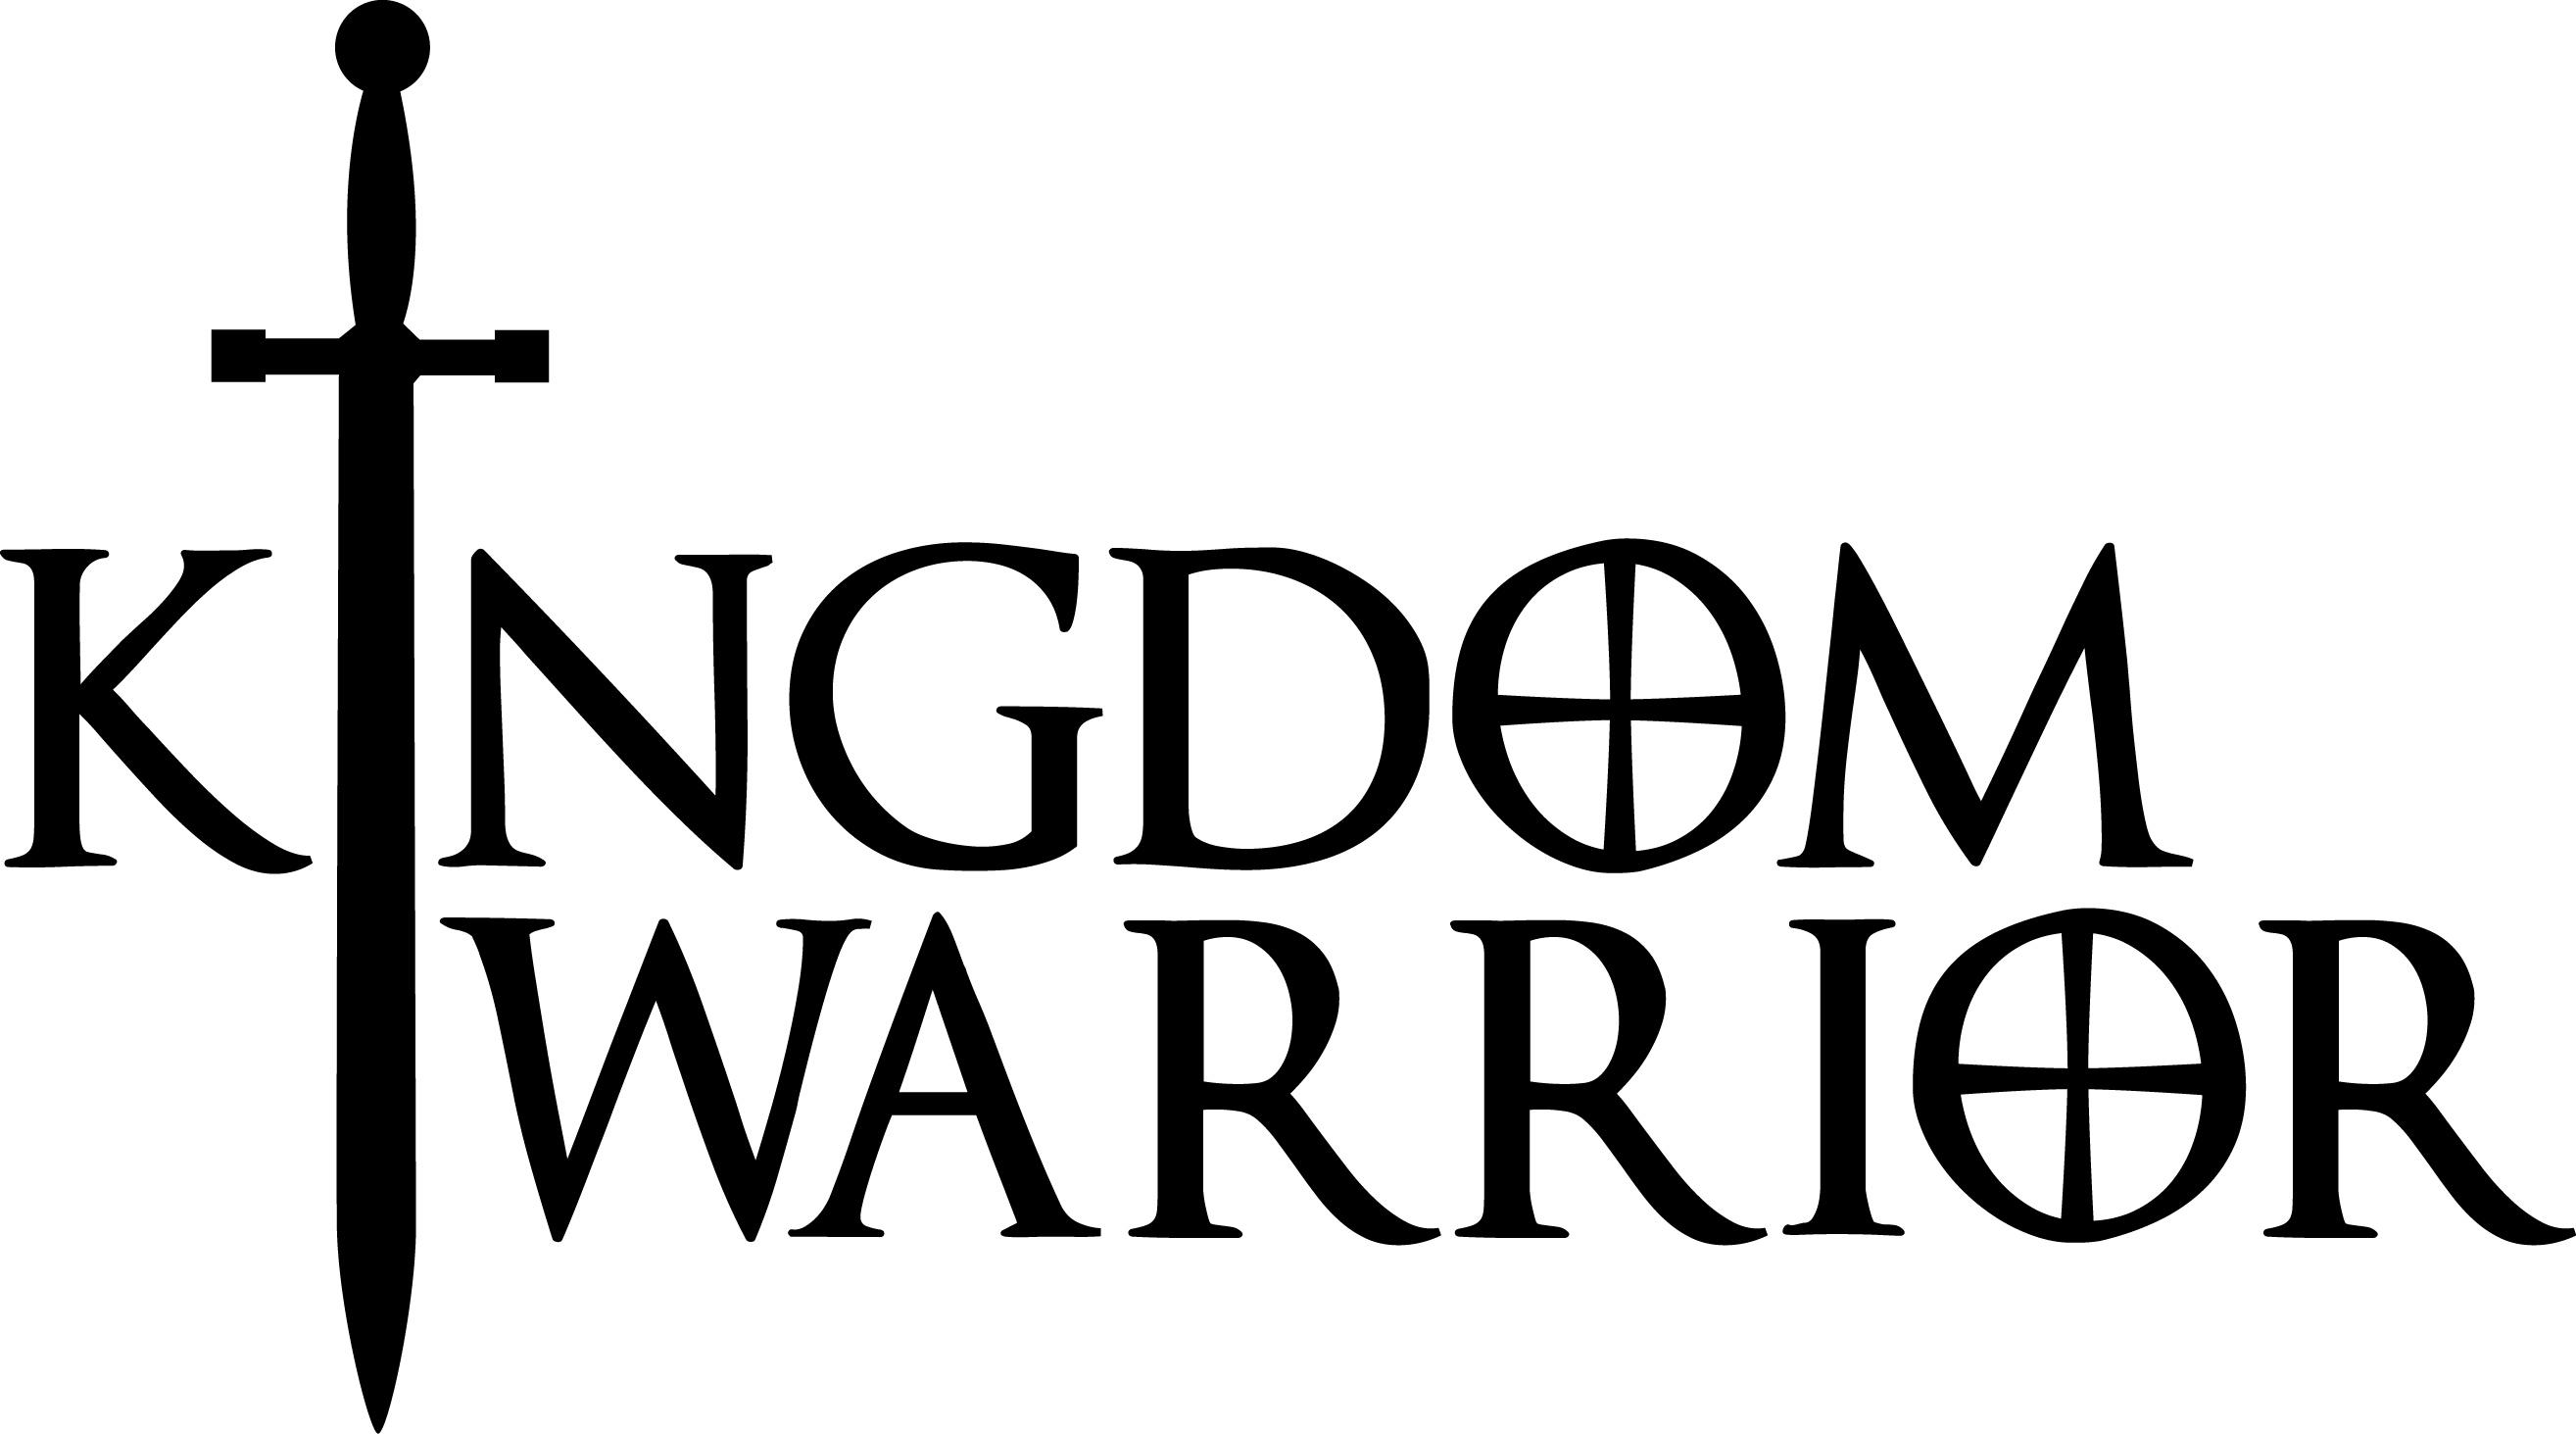 Kingdom Warrior Logo